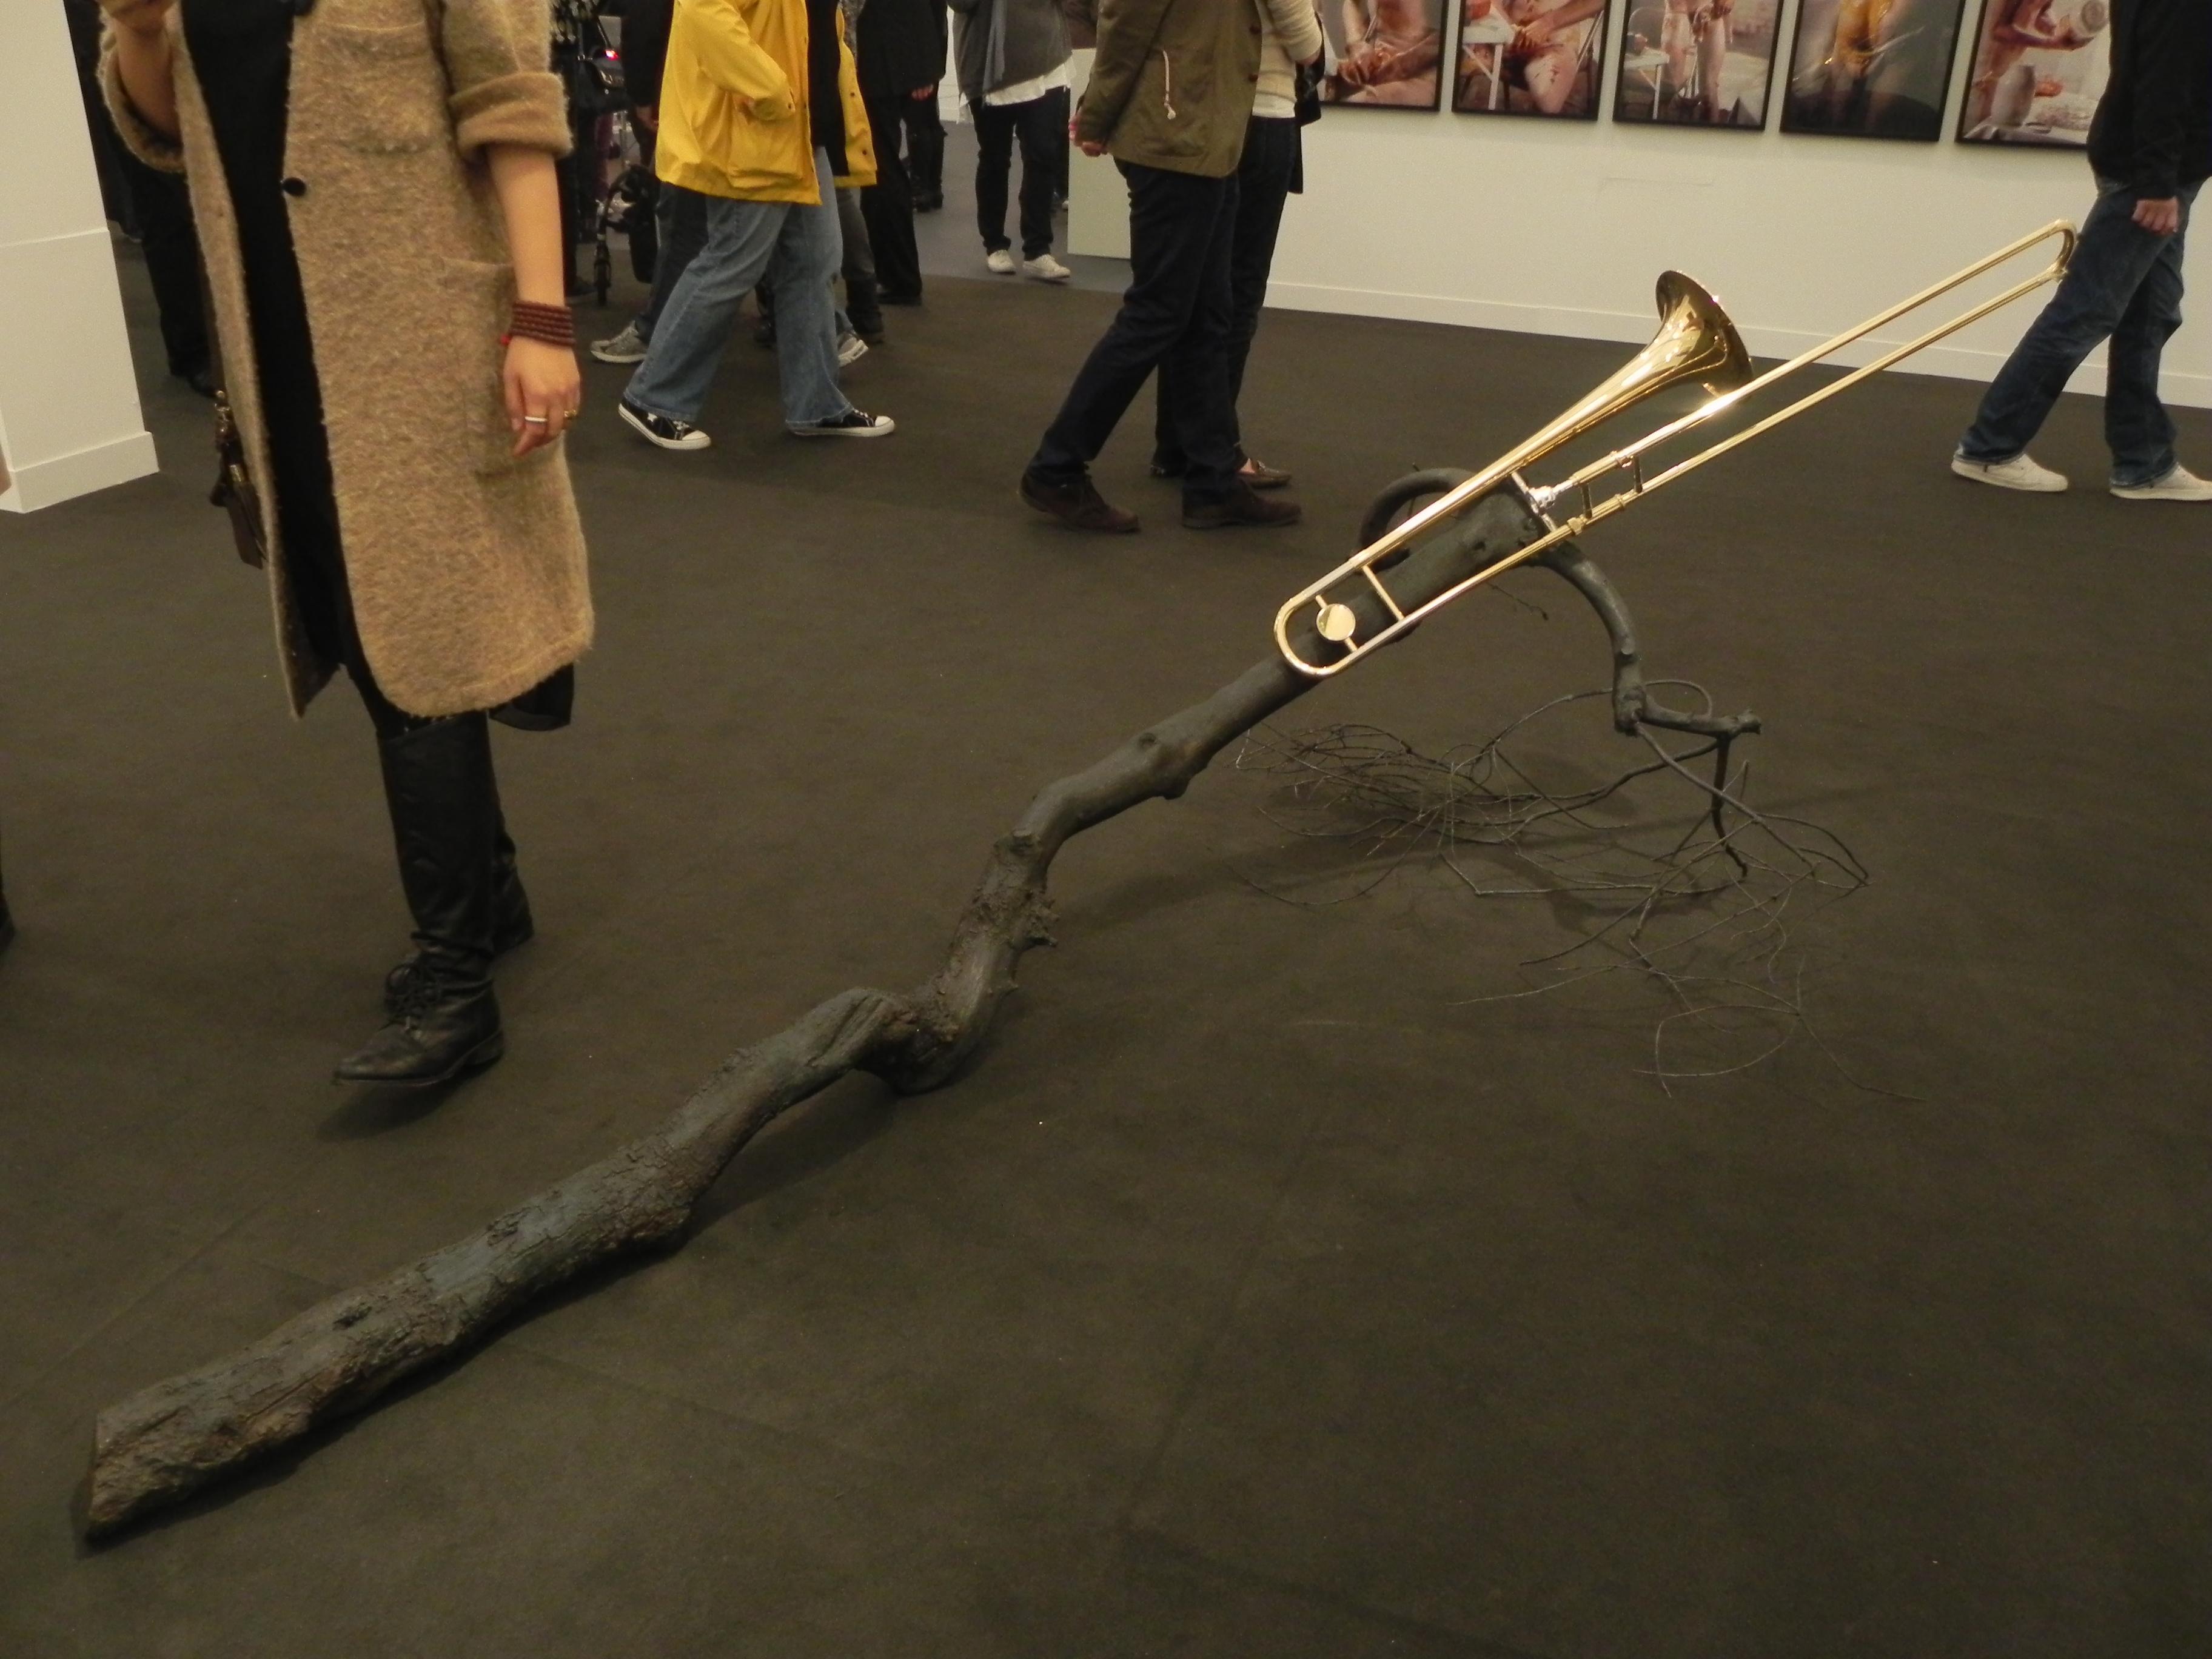 Massimo Bartolini 2012. Galleria Massimo de Carlo. London. Milan.